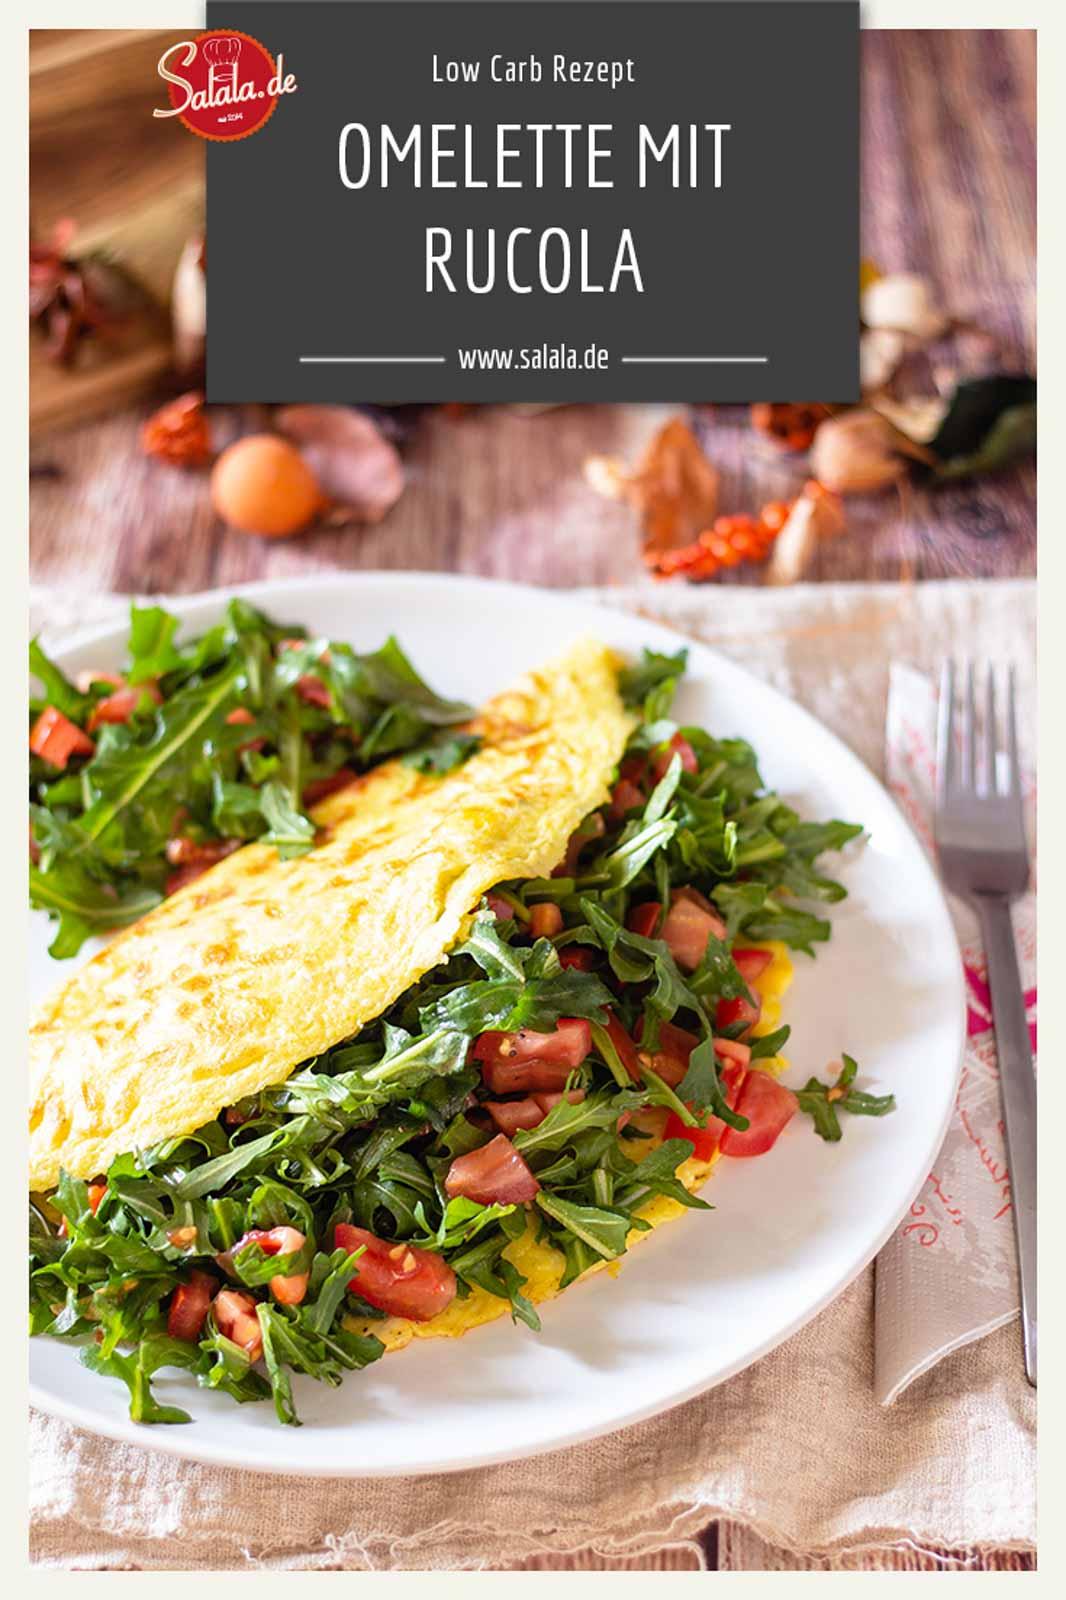 Omelette mit Rucola und Tomate - by salala.de - Rezept ohne Mehl Low Carb mit nur 3g KH pro Portion #omelette #lowcarb #lowcarbrezepte #rezepte #rezeptemitei #frühstück #lowcarbfrühstück